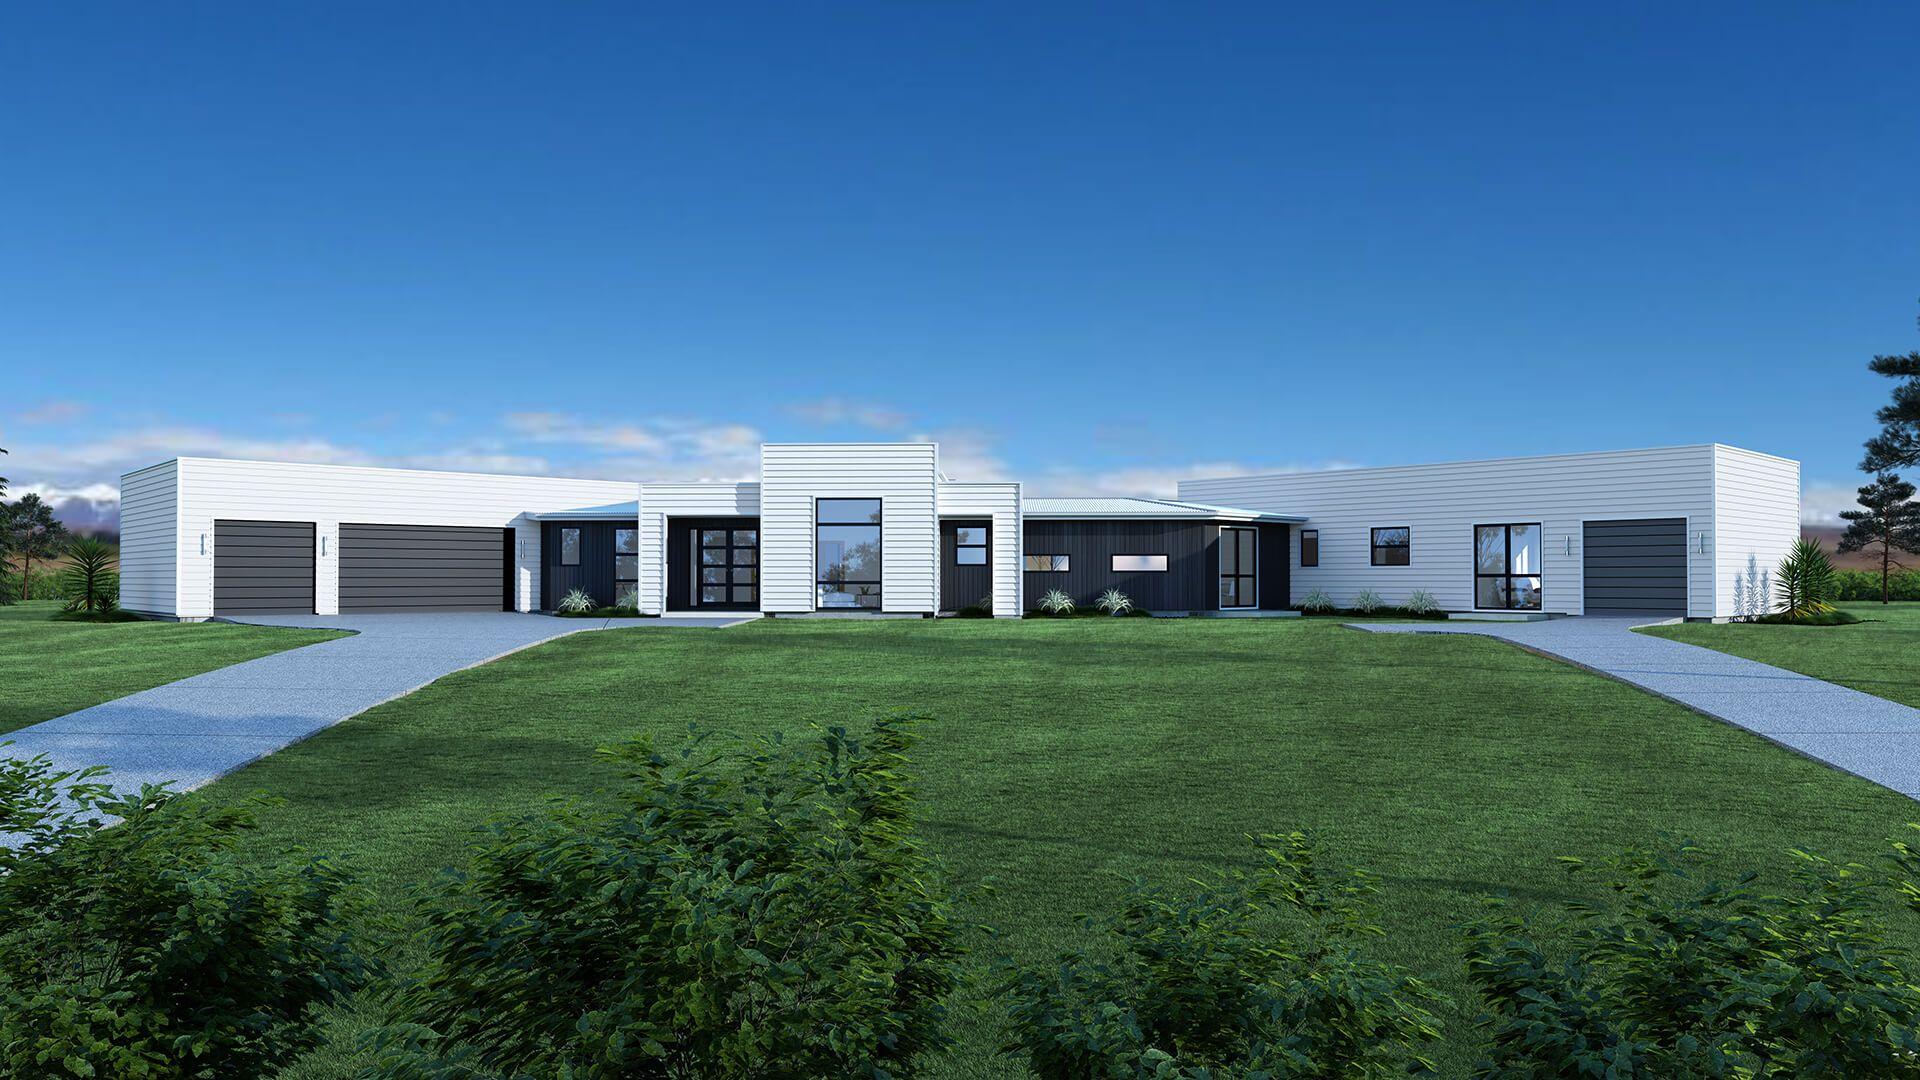 Castle Park Home Designs Design Ideas Stonewood Homes In 2020 House Design Parking Design Park Homes